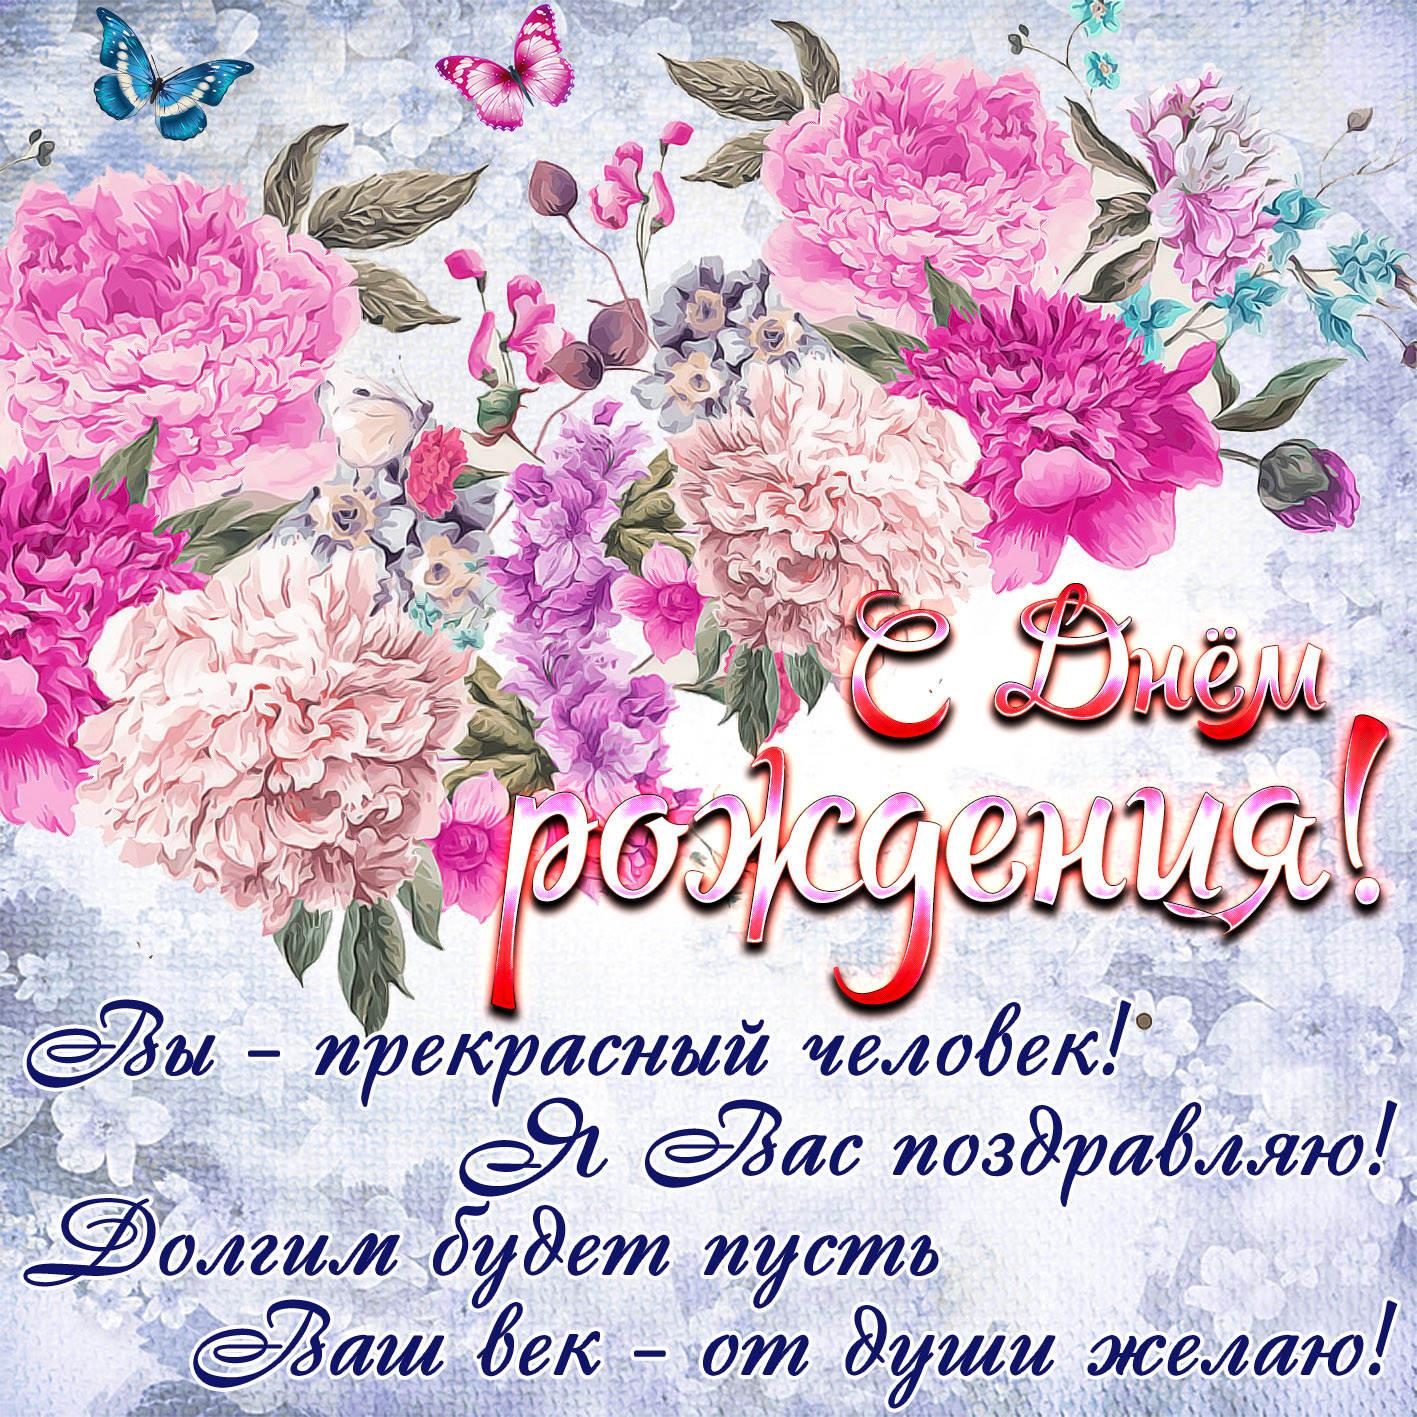 Открытка с цветами и стихами для женщины